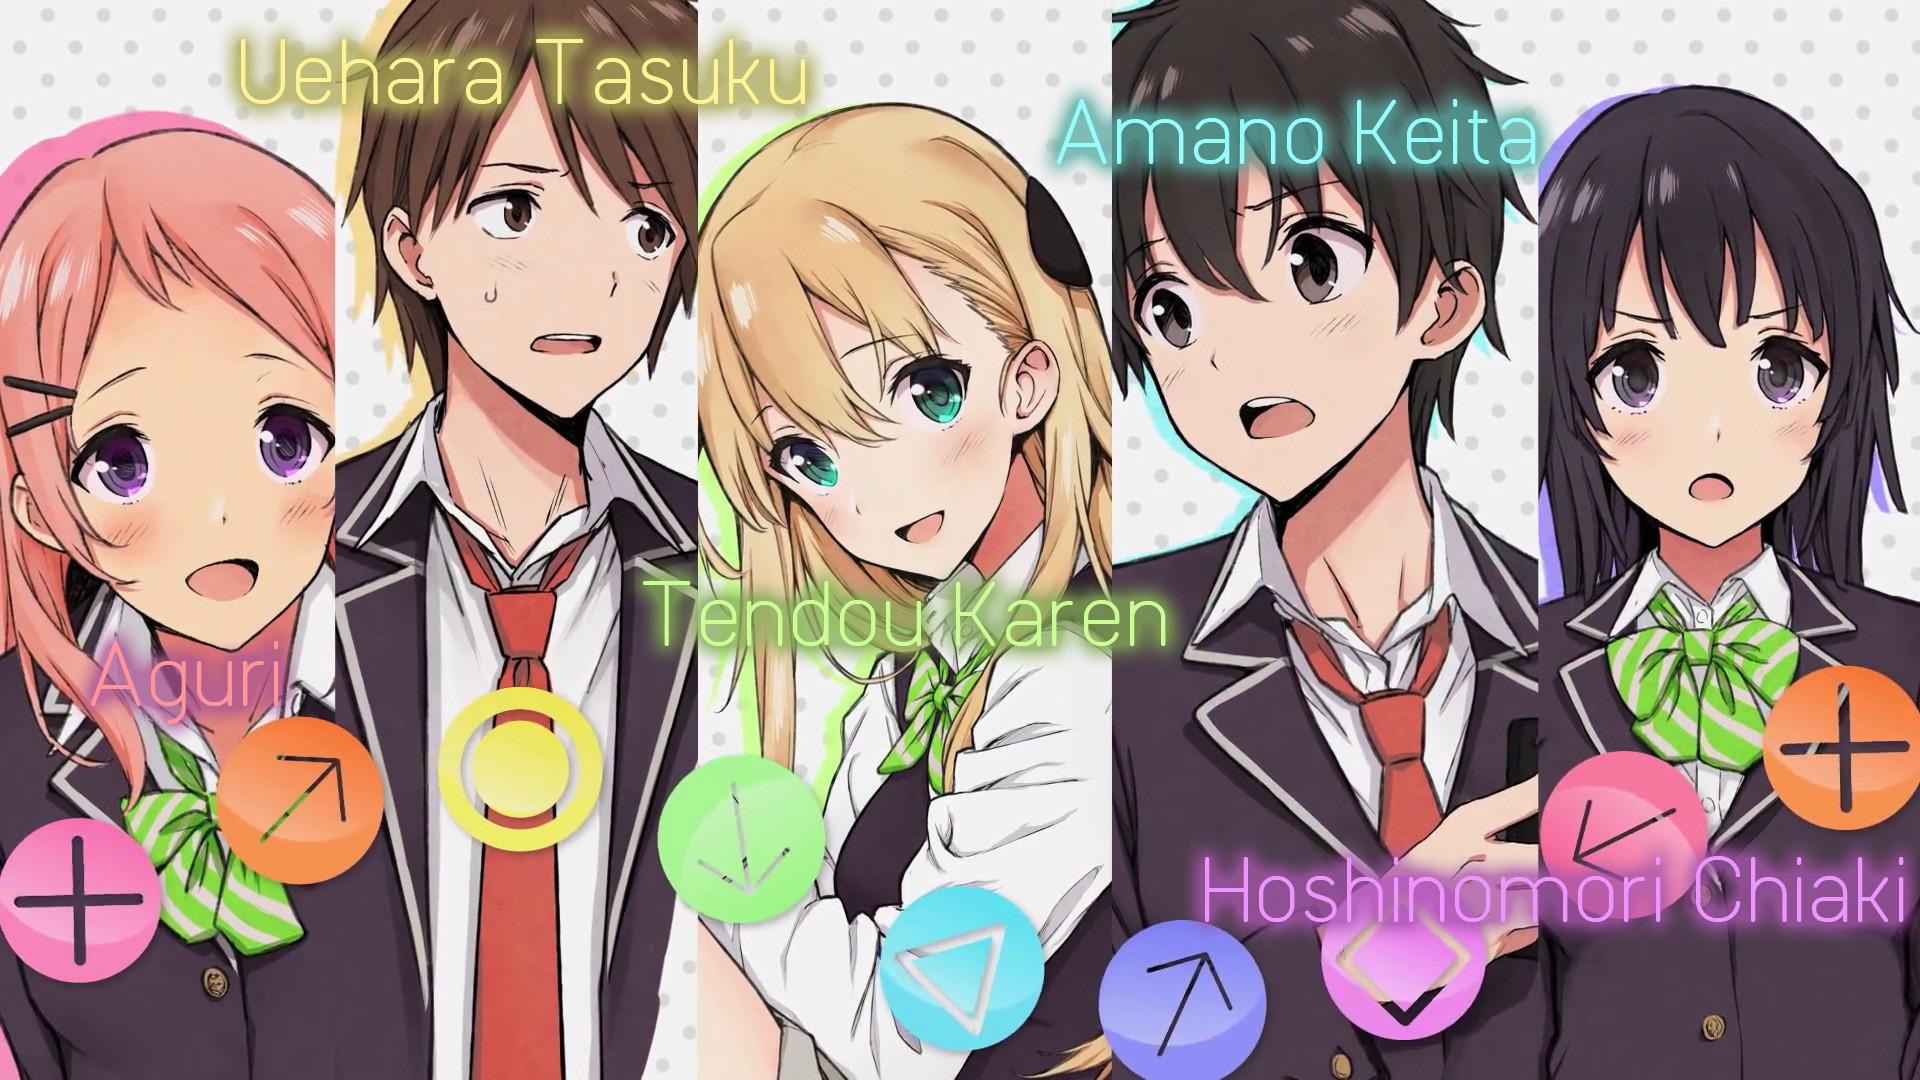 Gamers Anime News